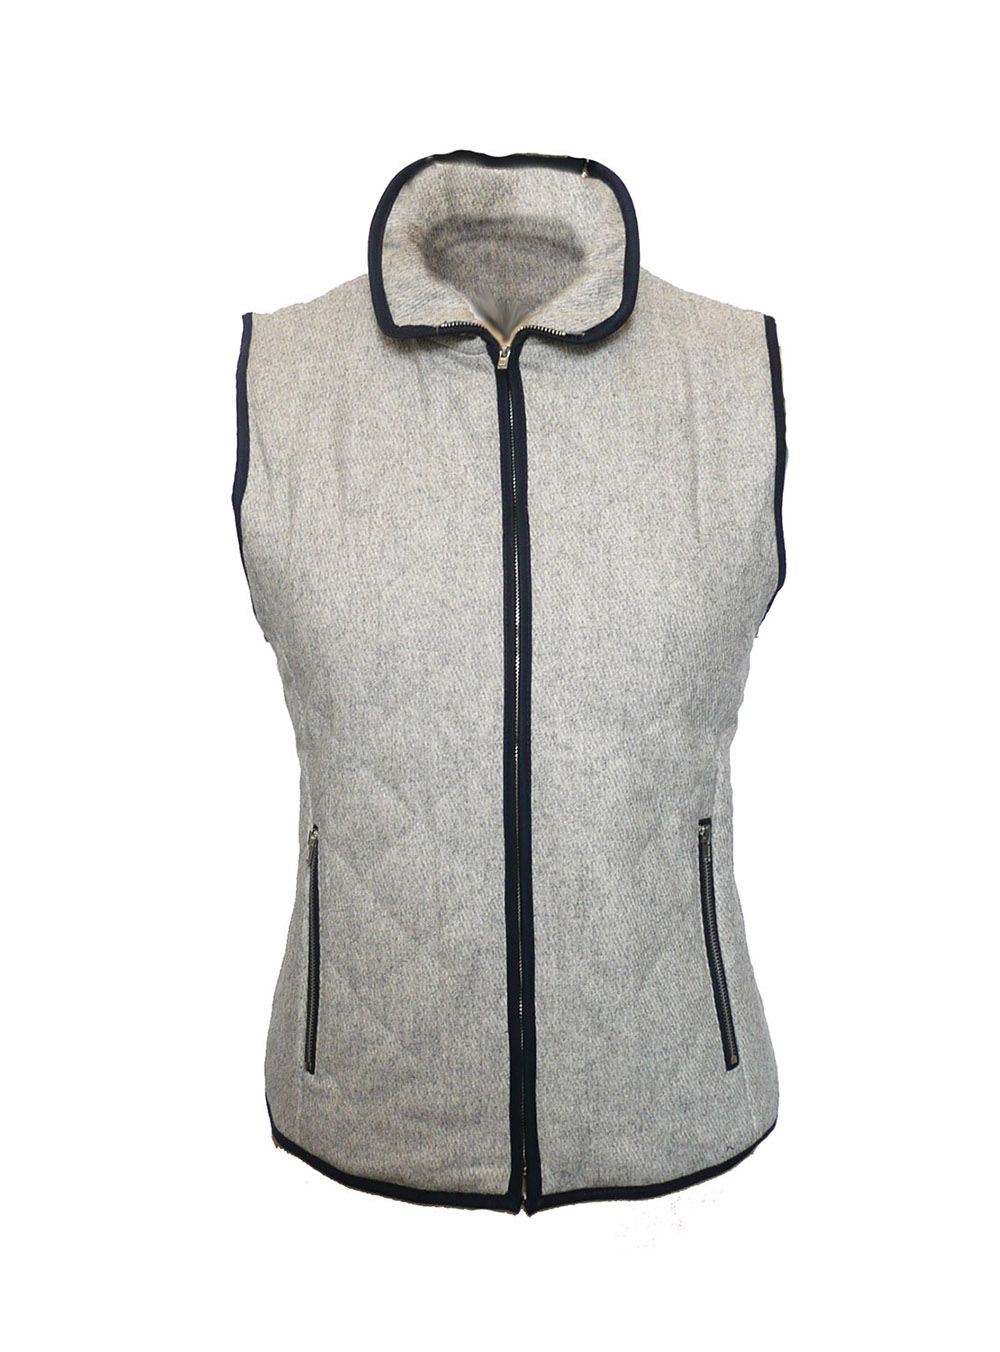 vest  grey zip.jpg